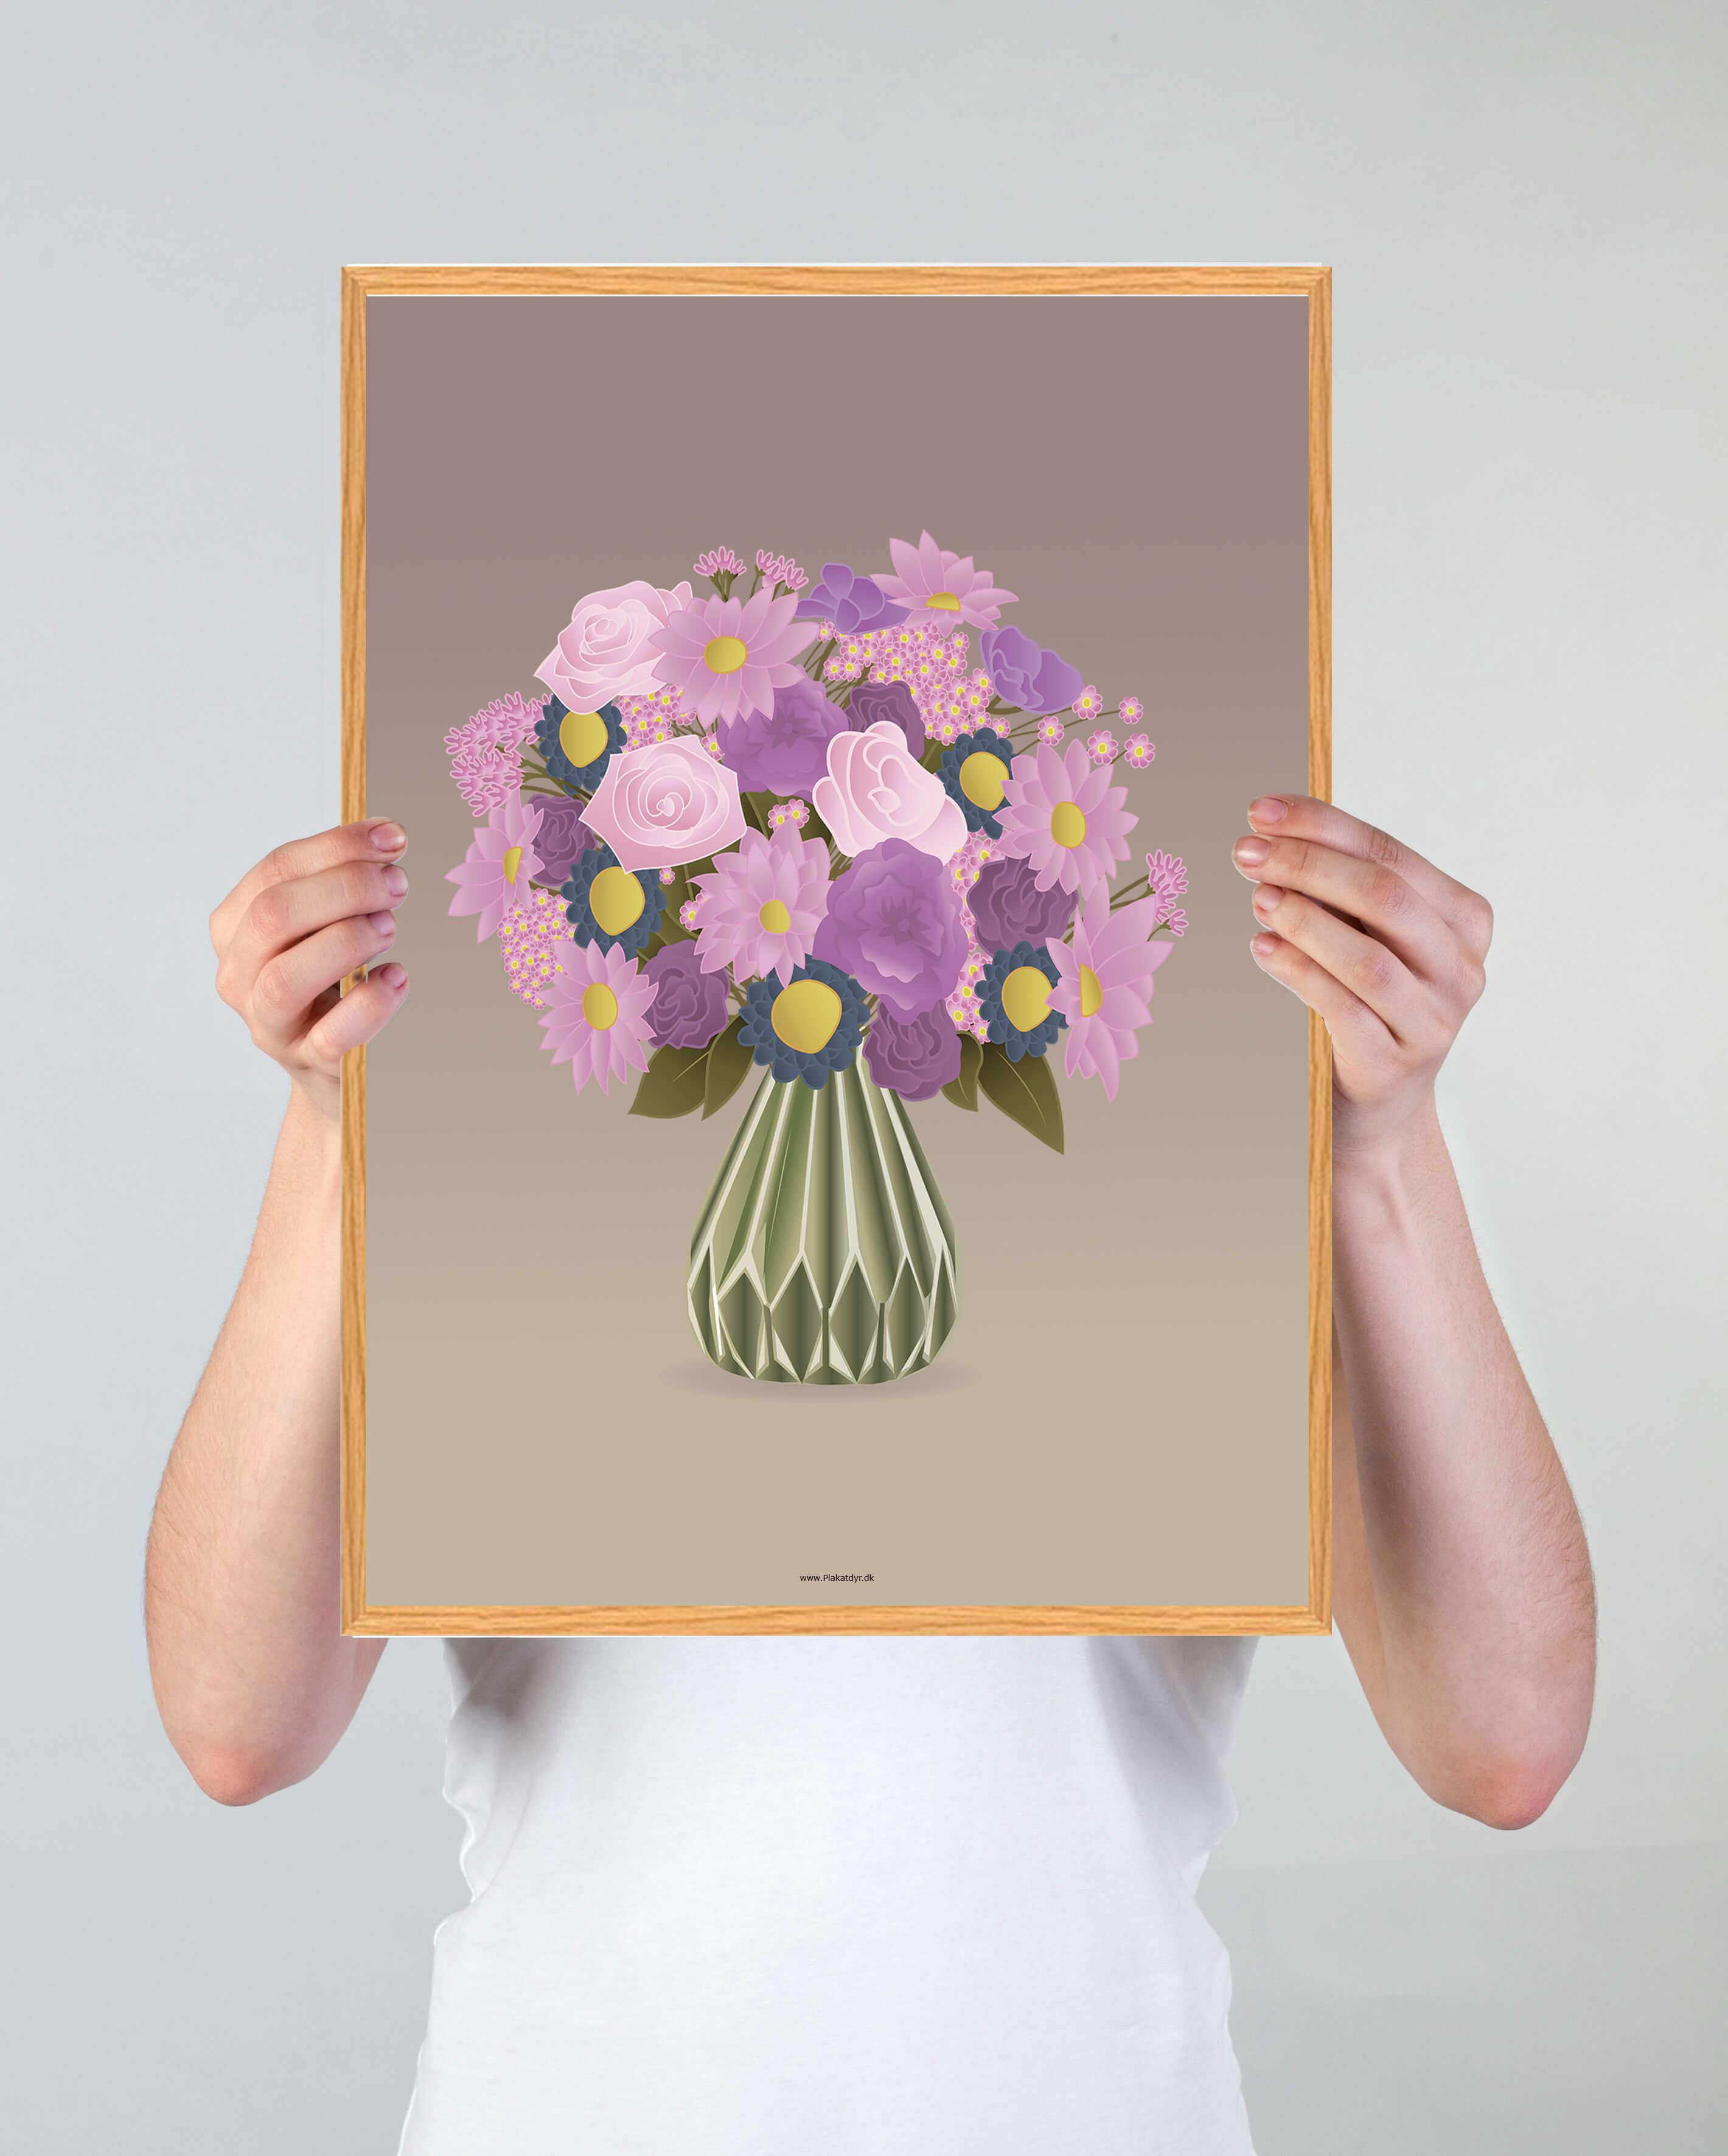 lilla-blomster-plakat-3